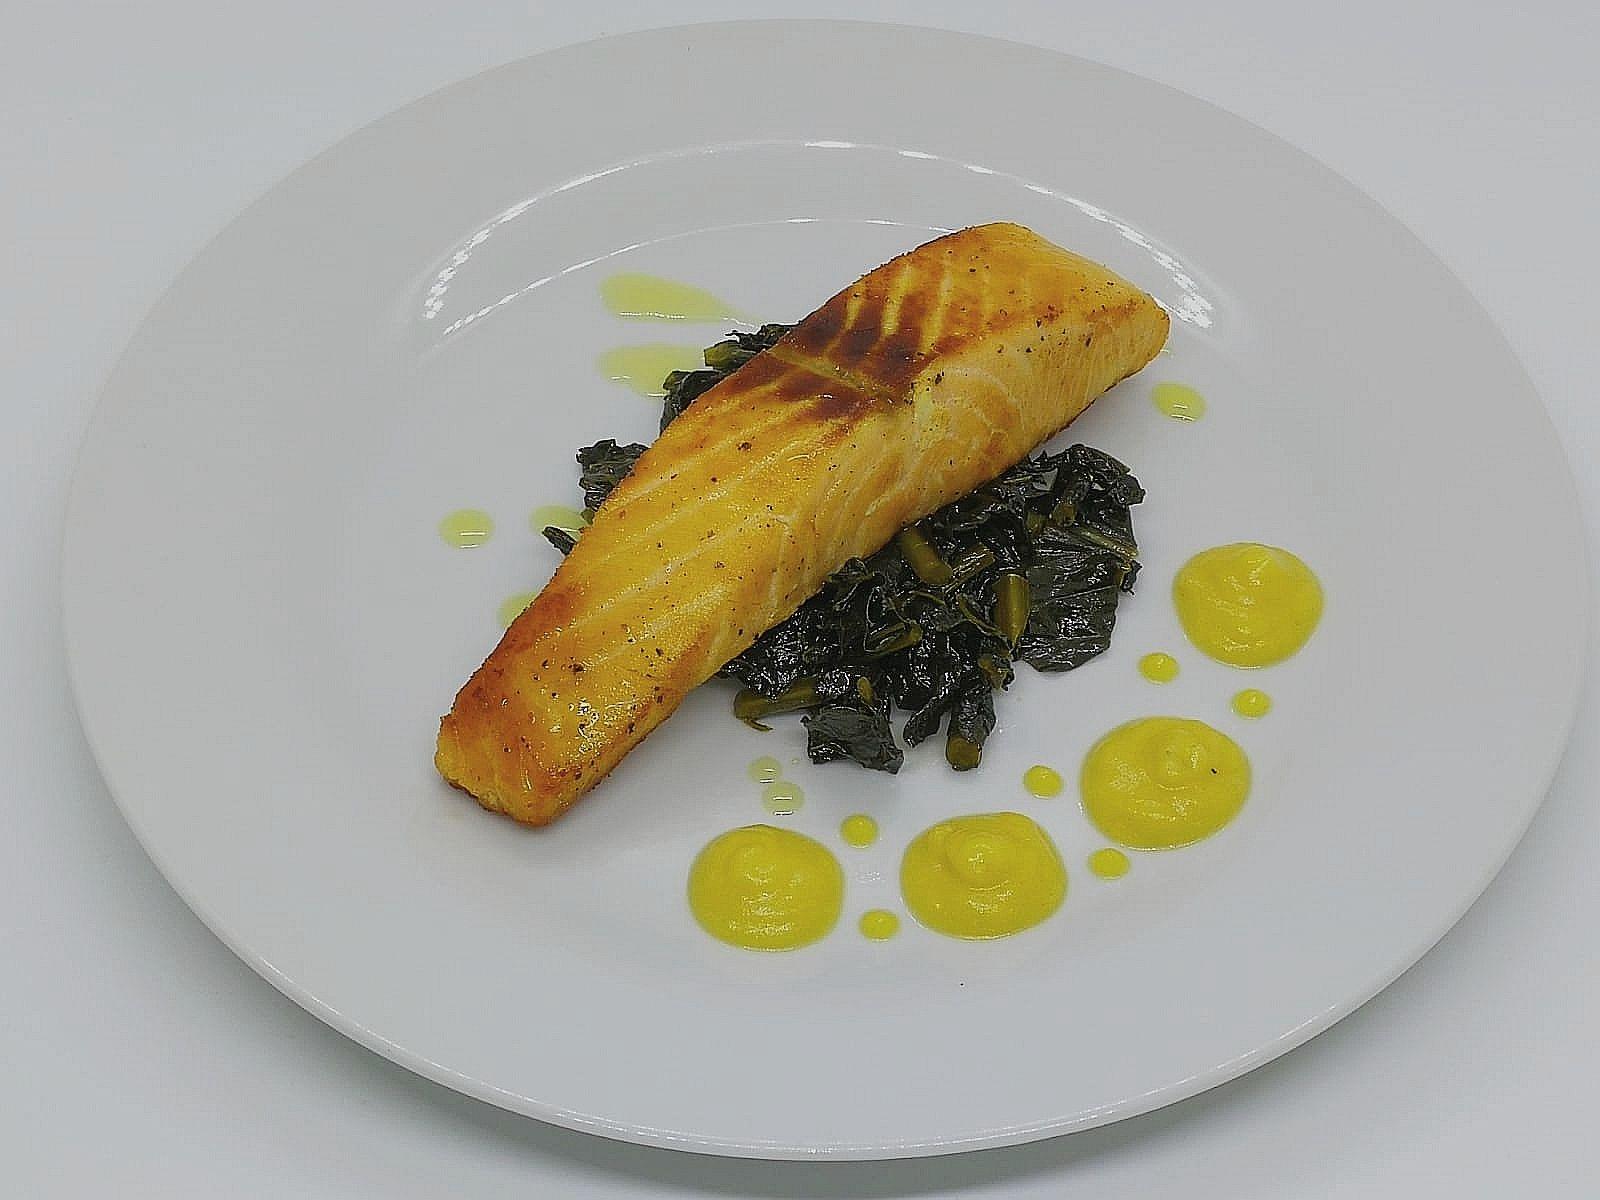 0a3699b8aad520da730a0e9c1dbb8c37 - Trancio Di Salmone Ricette